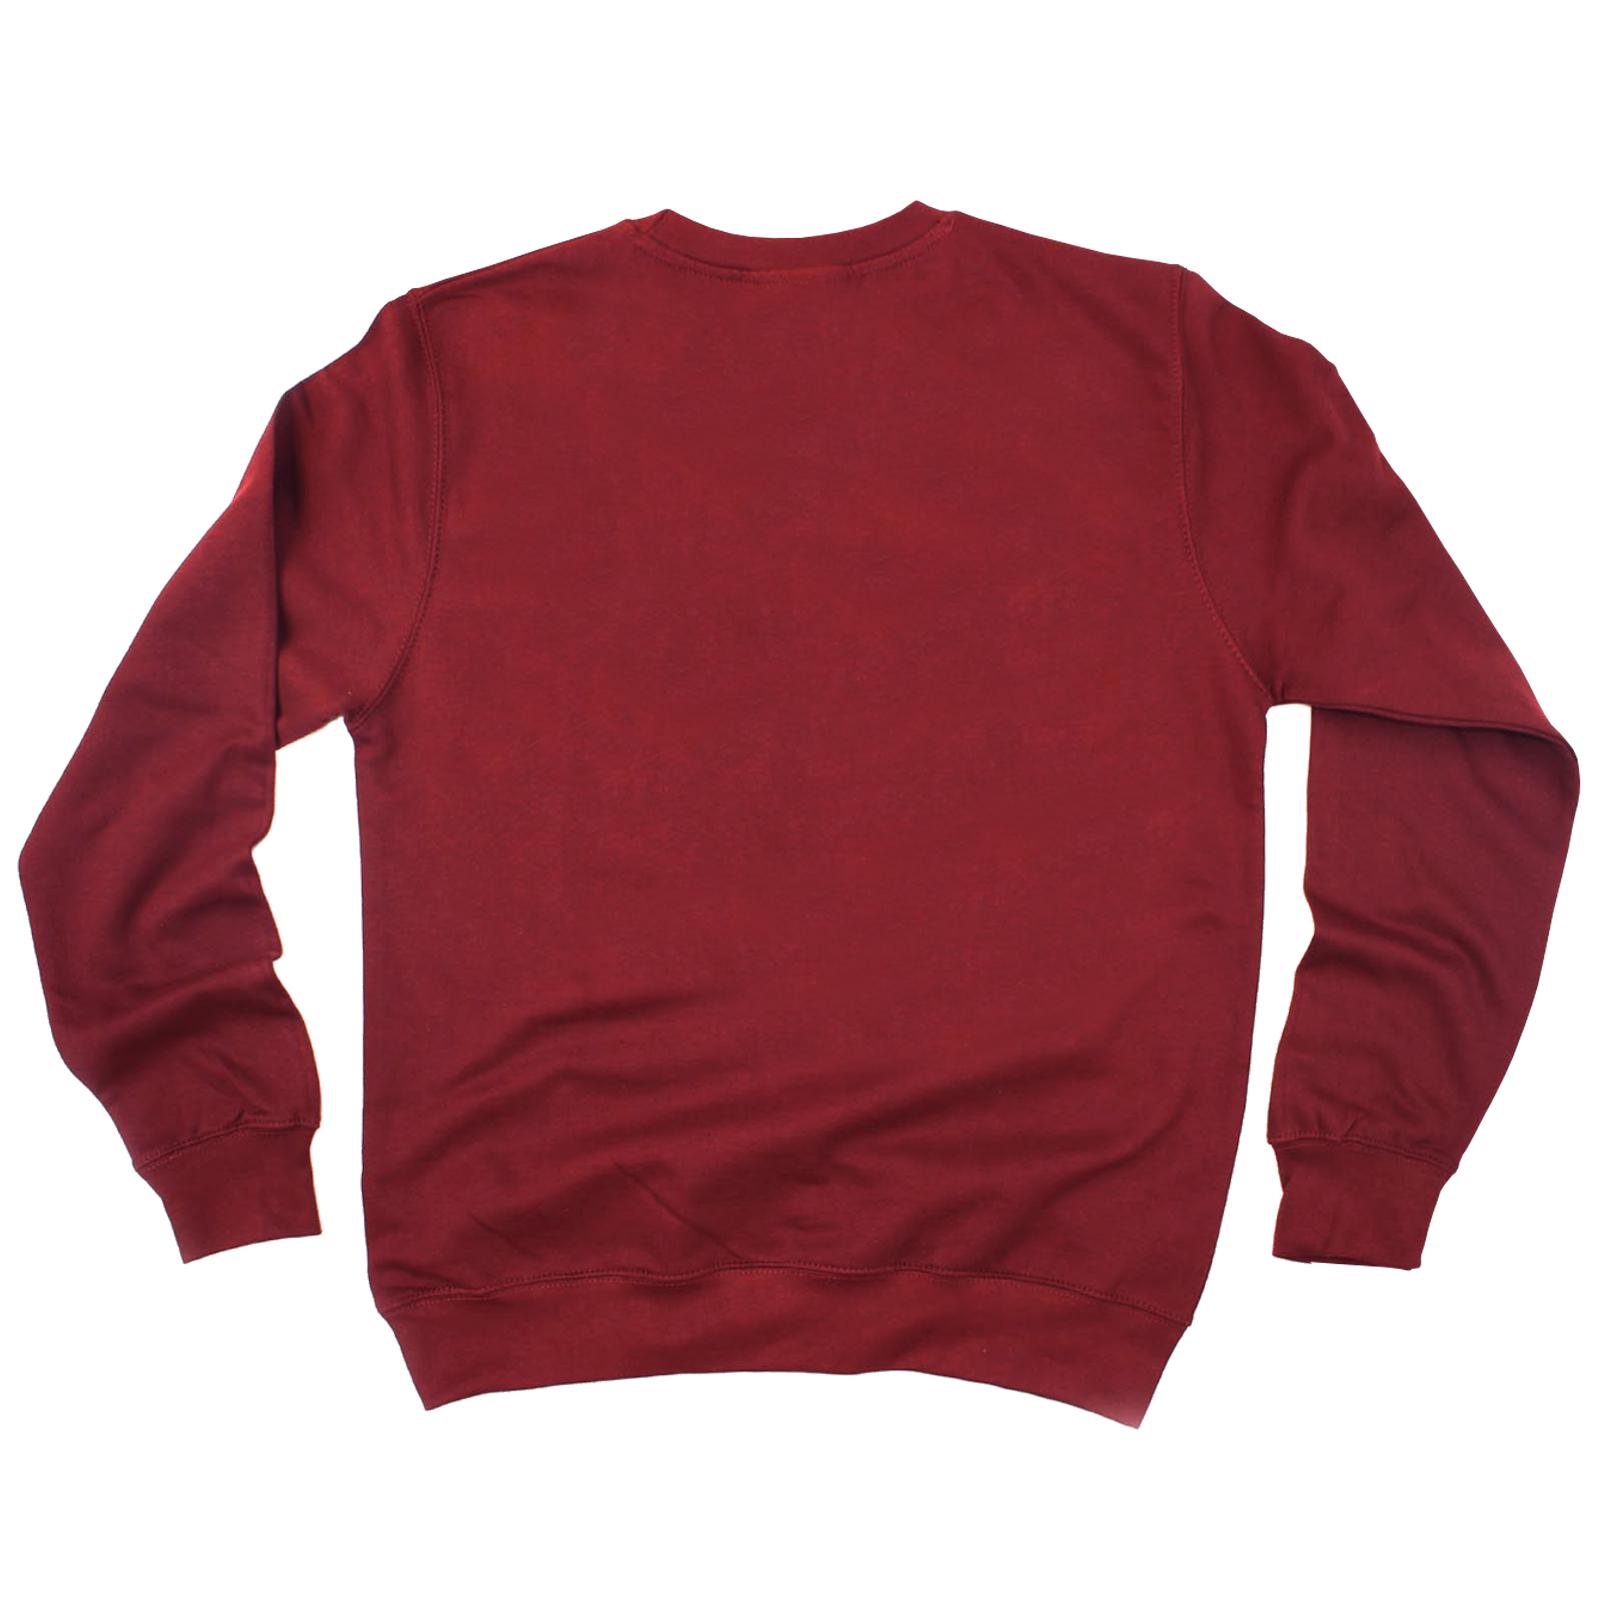 Funny-Sweatshirt-Jenius-Genius-Birthday-Joke-Humour-tee-Gift-Novelty-JUMPER thumbnail 15